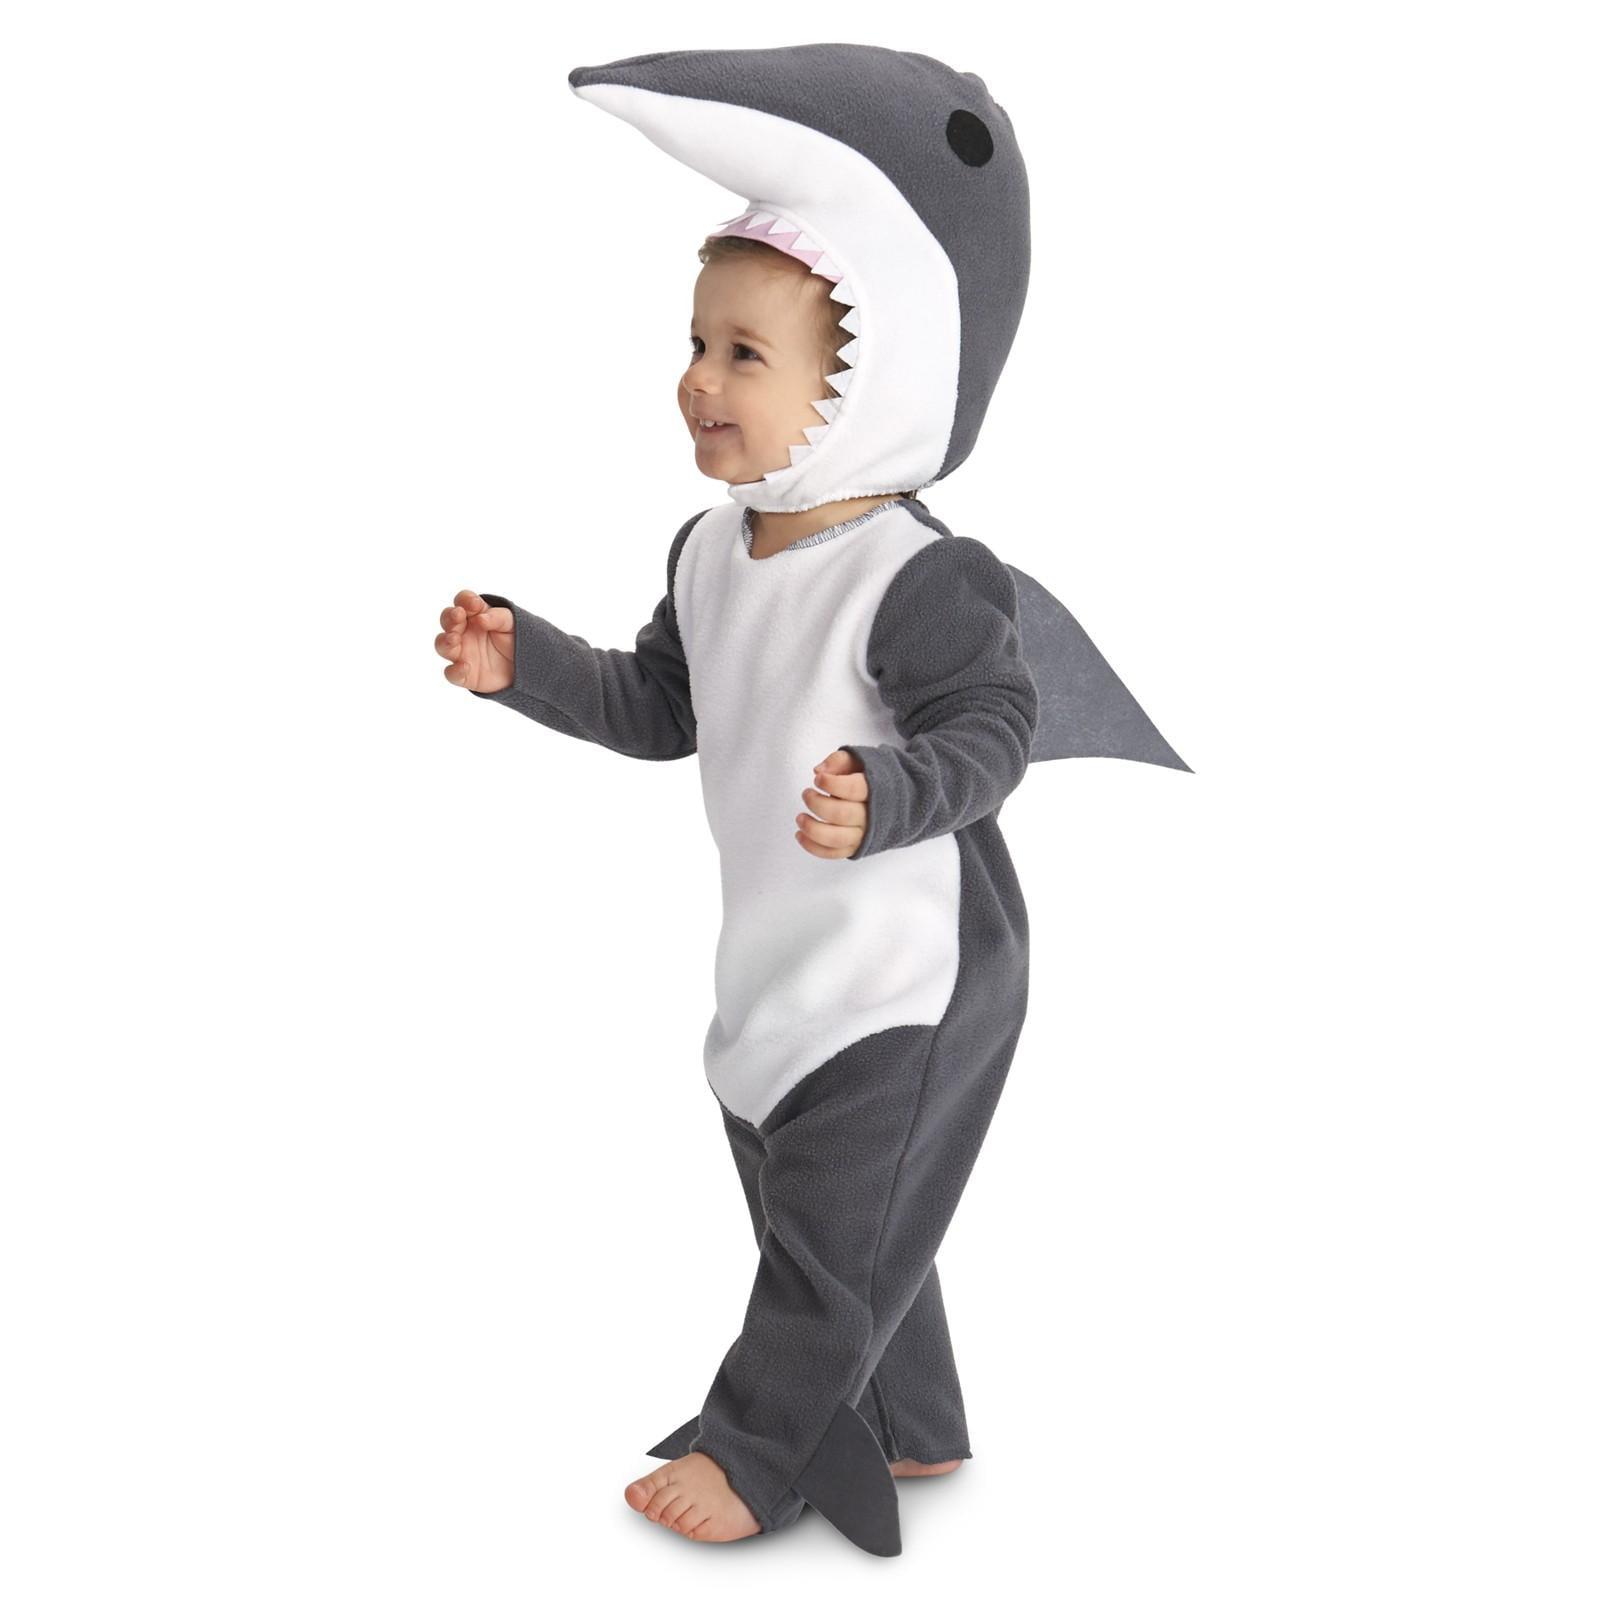 sc 1 st  Walmart & Shark Toddler Costume - Walmart.com